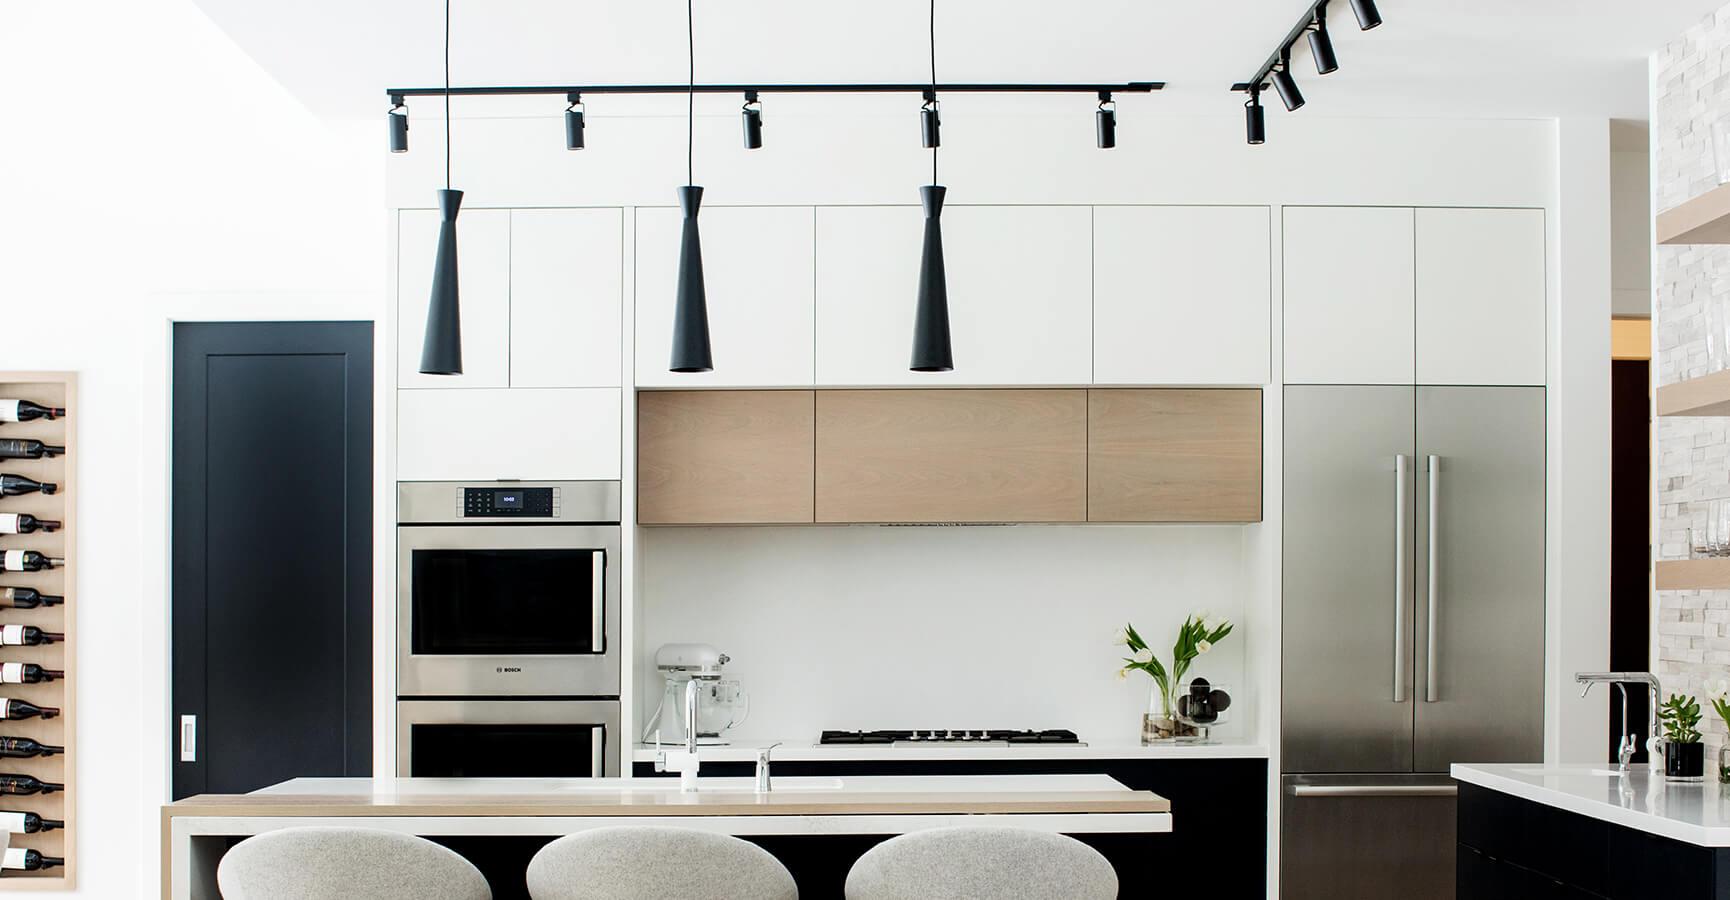 Modern Kitchen Design and Light Fixtures